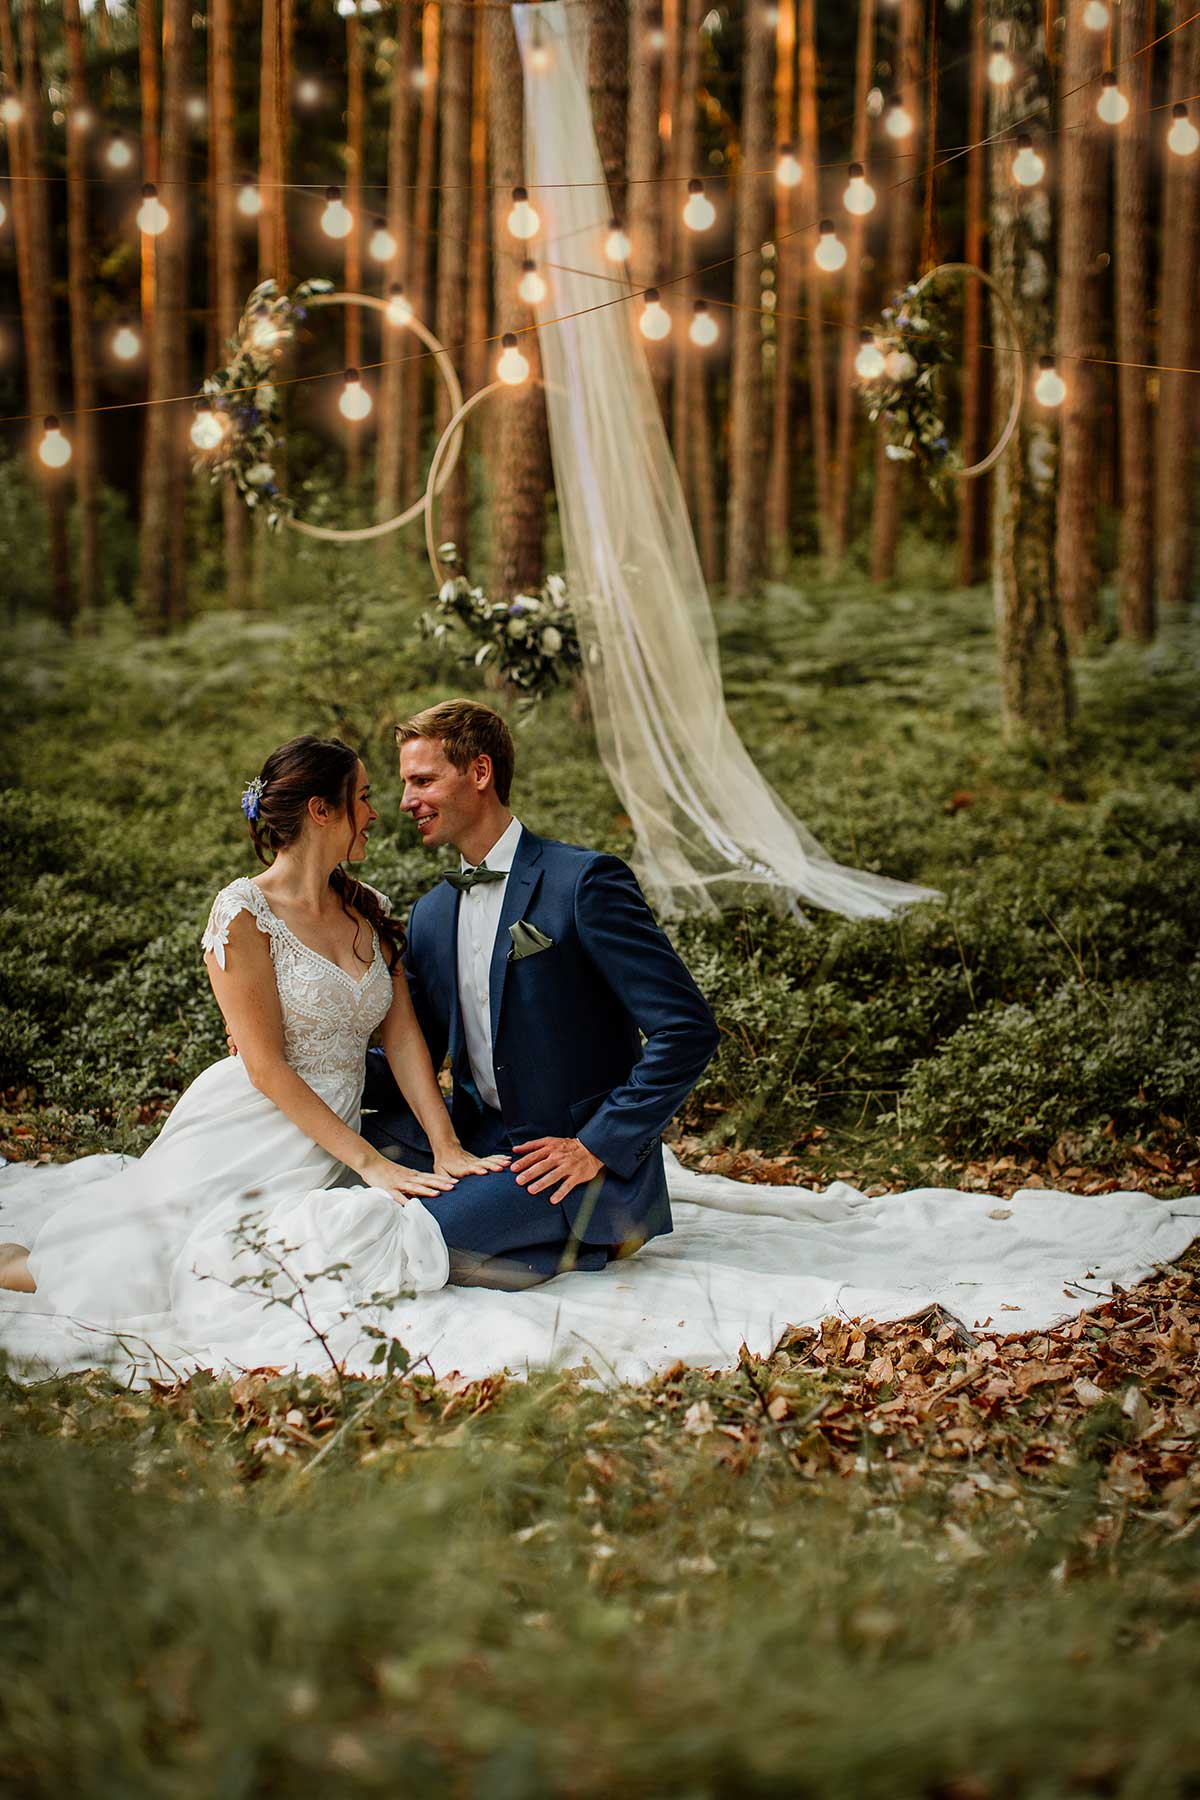 Braut und Bräutigam alleine im Wald